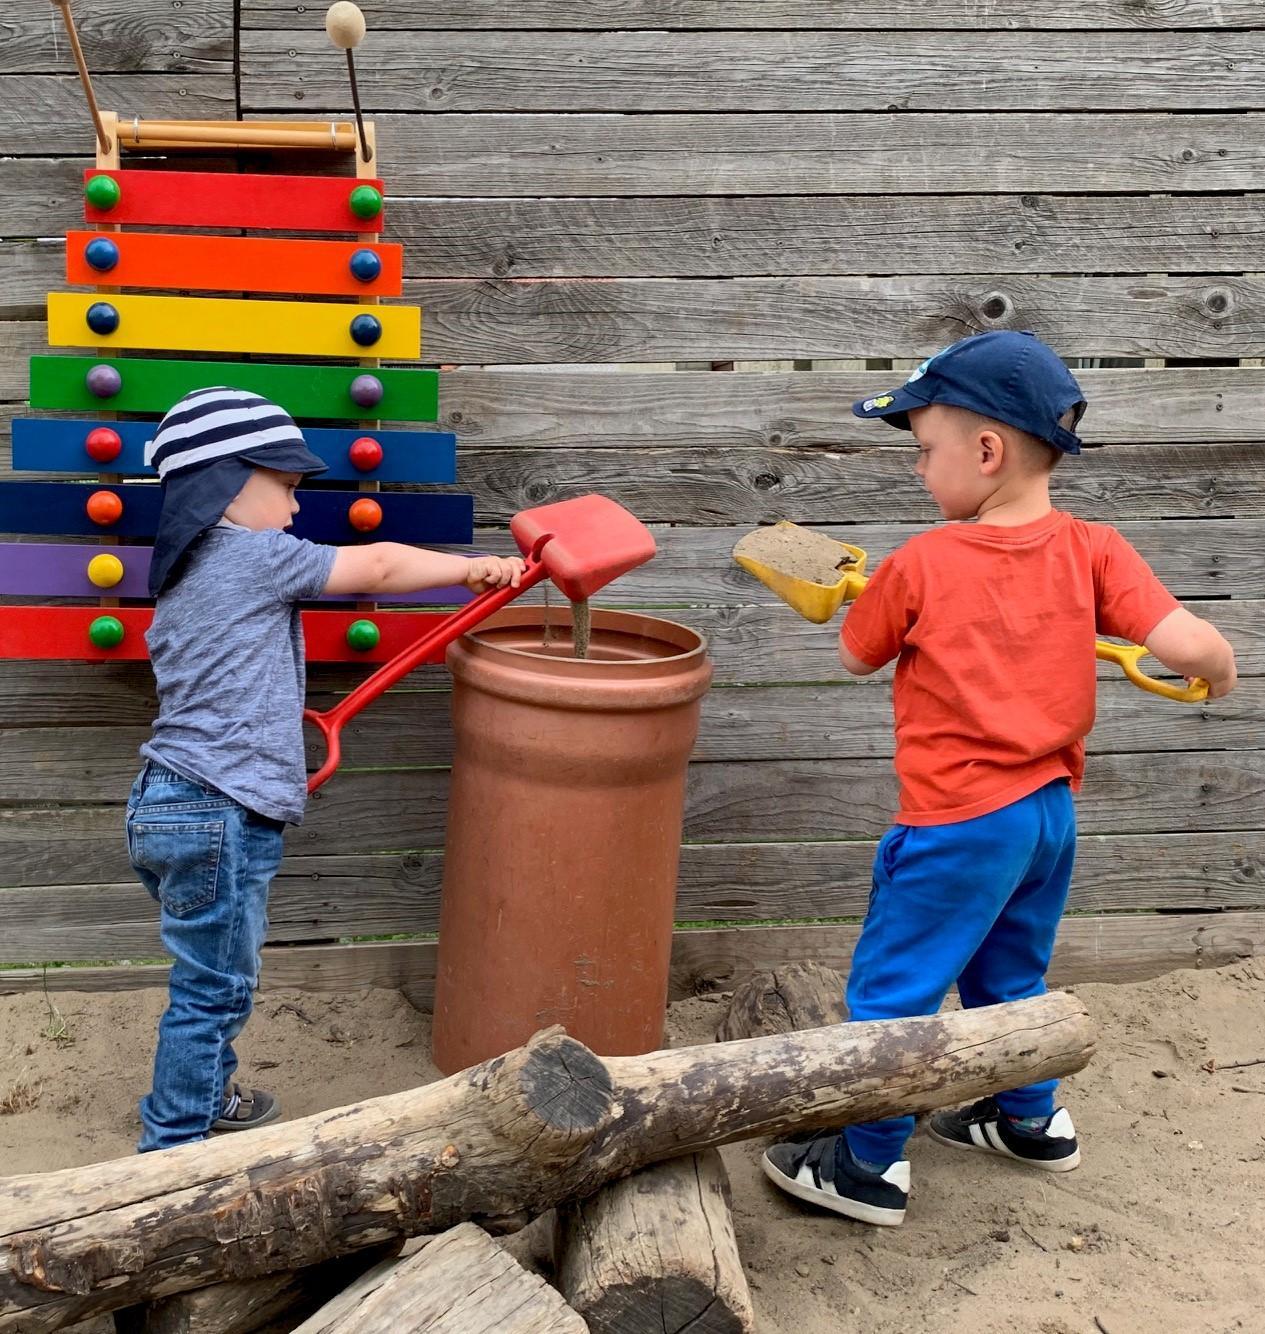 Stadt Klötze - Kindertageseinrichtung Spatzennest